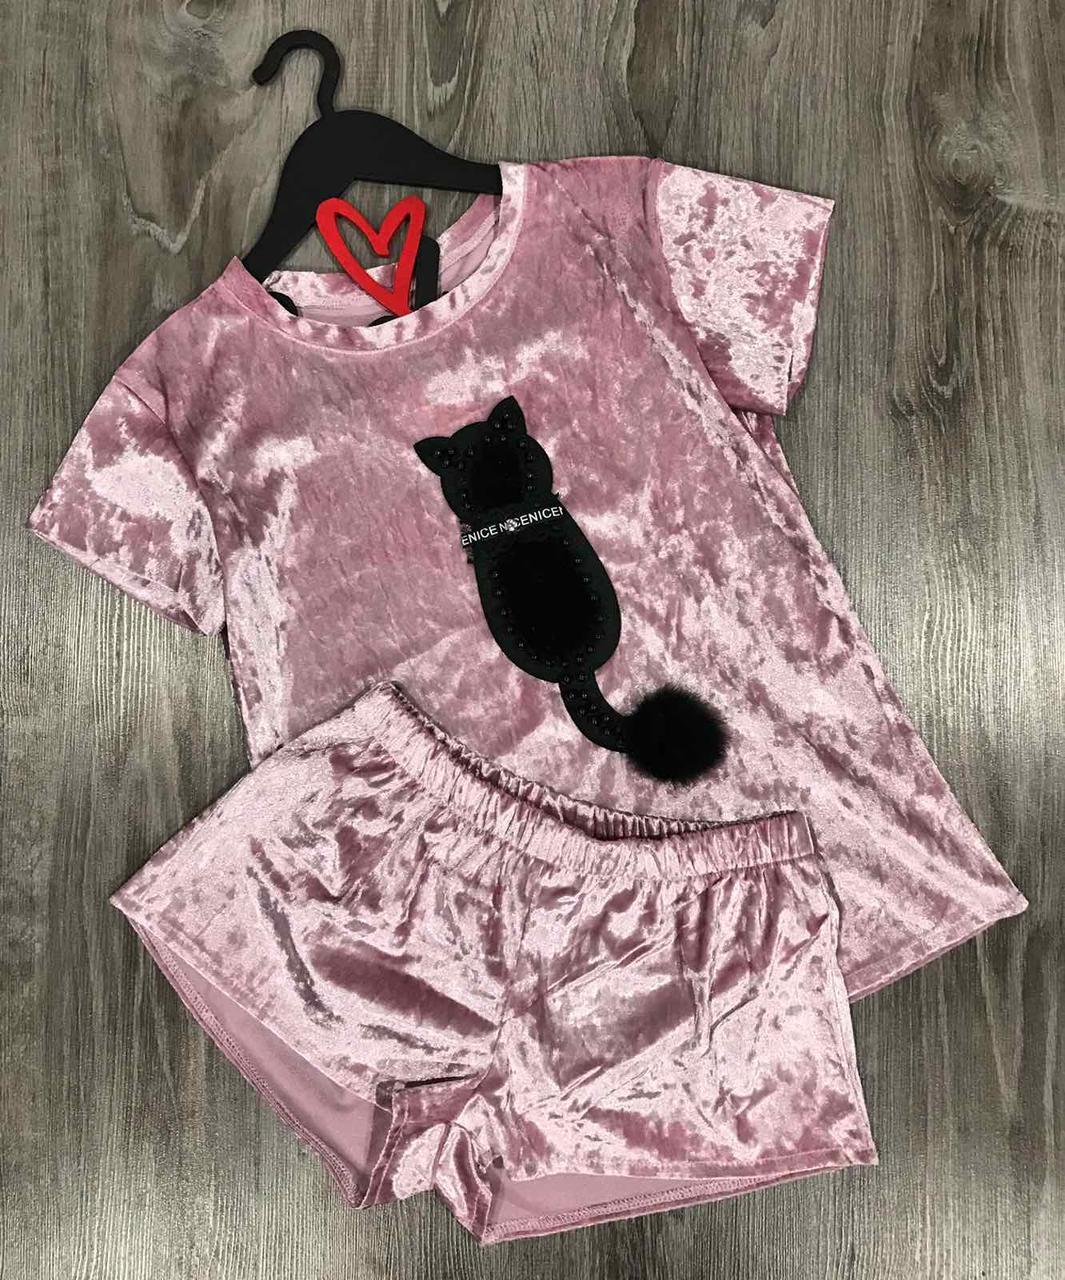 Пижама футболка и шорты из мраморного велюра с аппликацией.